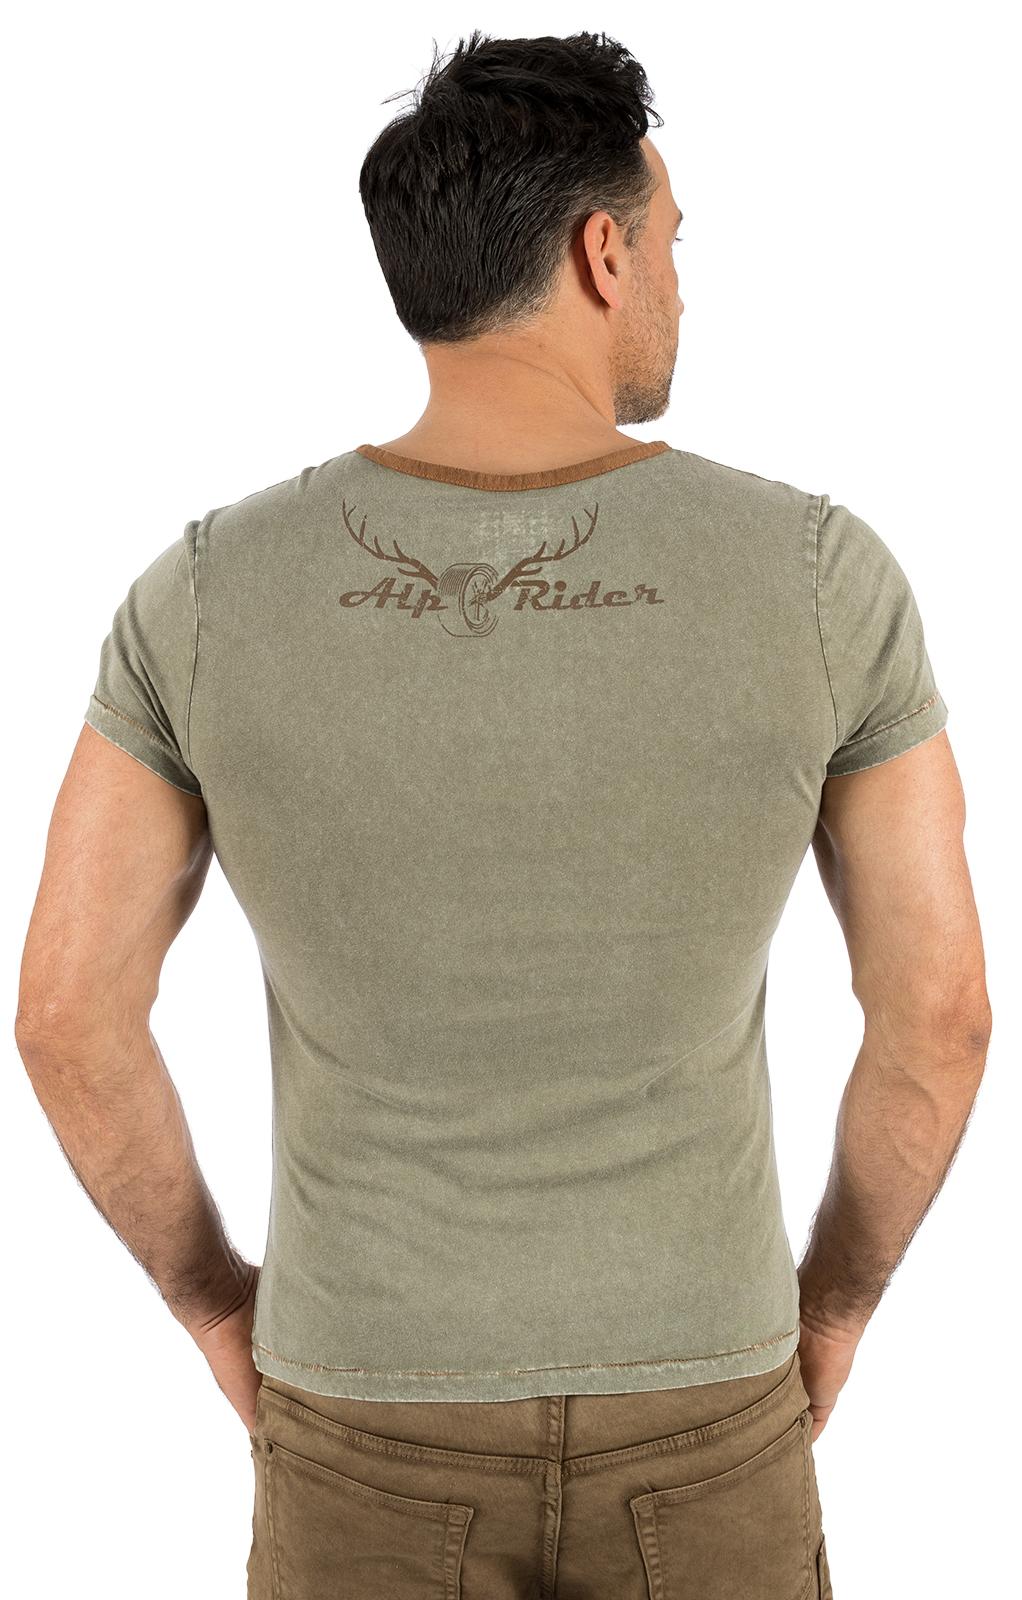 weitere Bilder von Trachten T-Shirt E12 - KARL oliv